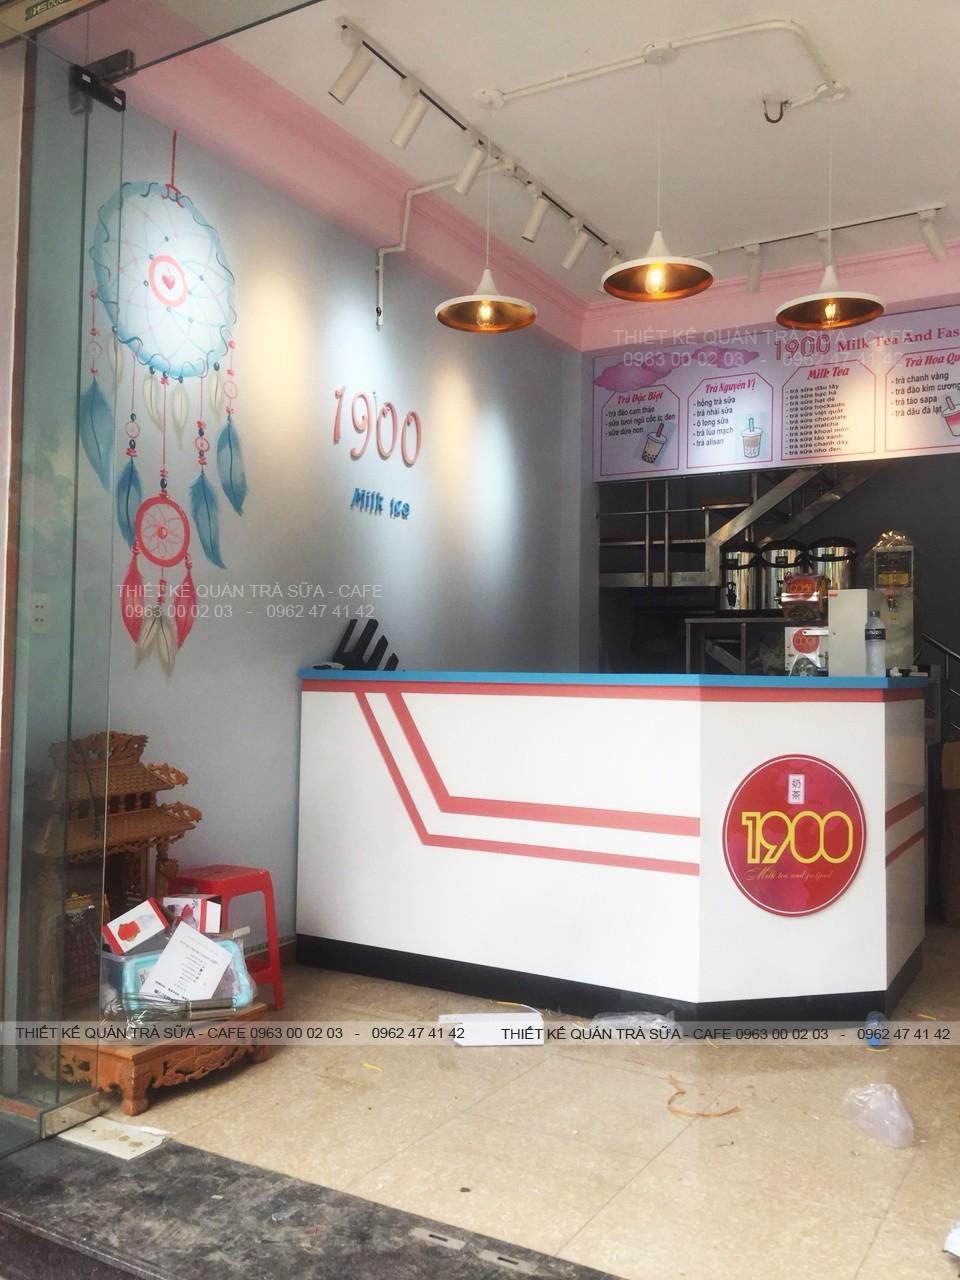 Thiết kế - Thi công Quán Trà sữa 1900 Milk Tea, Đồng Đăng, Lạng Sơn